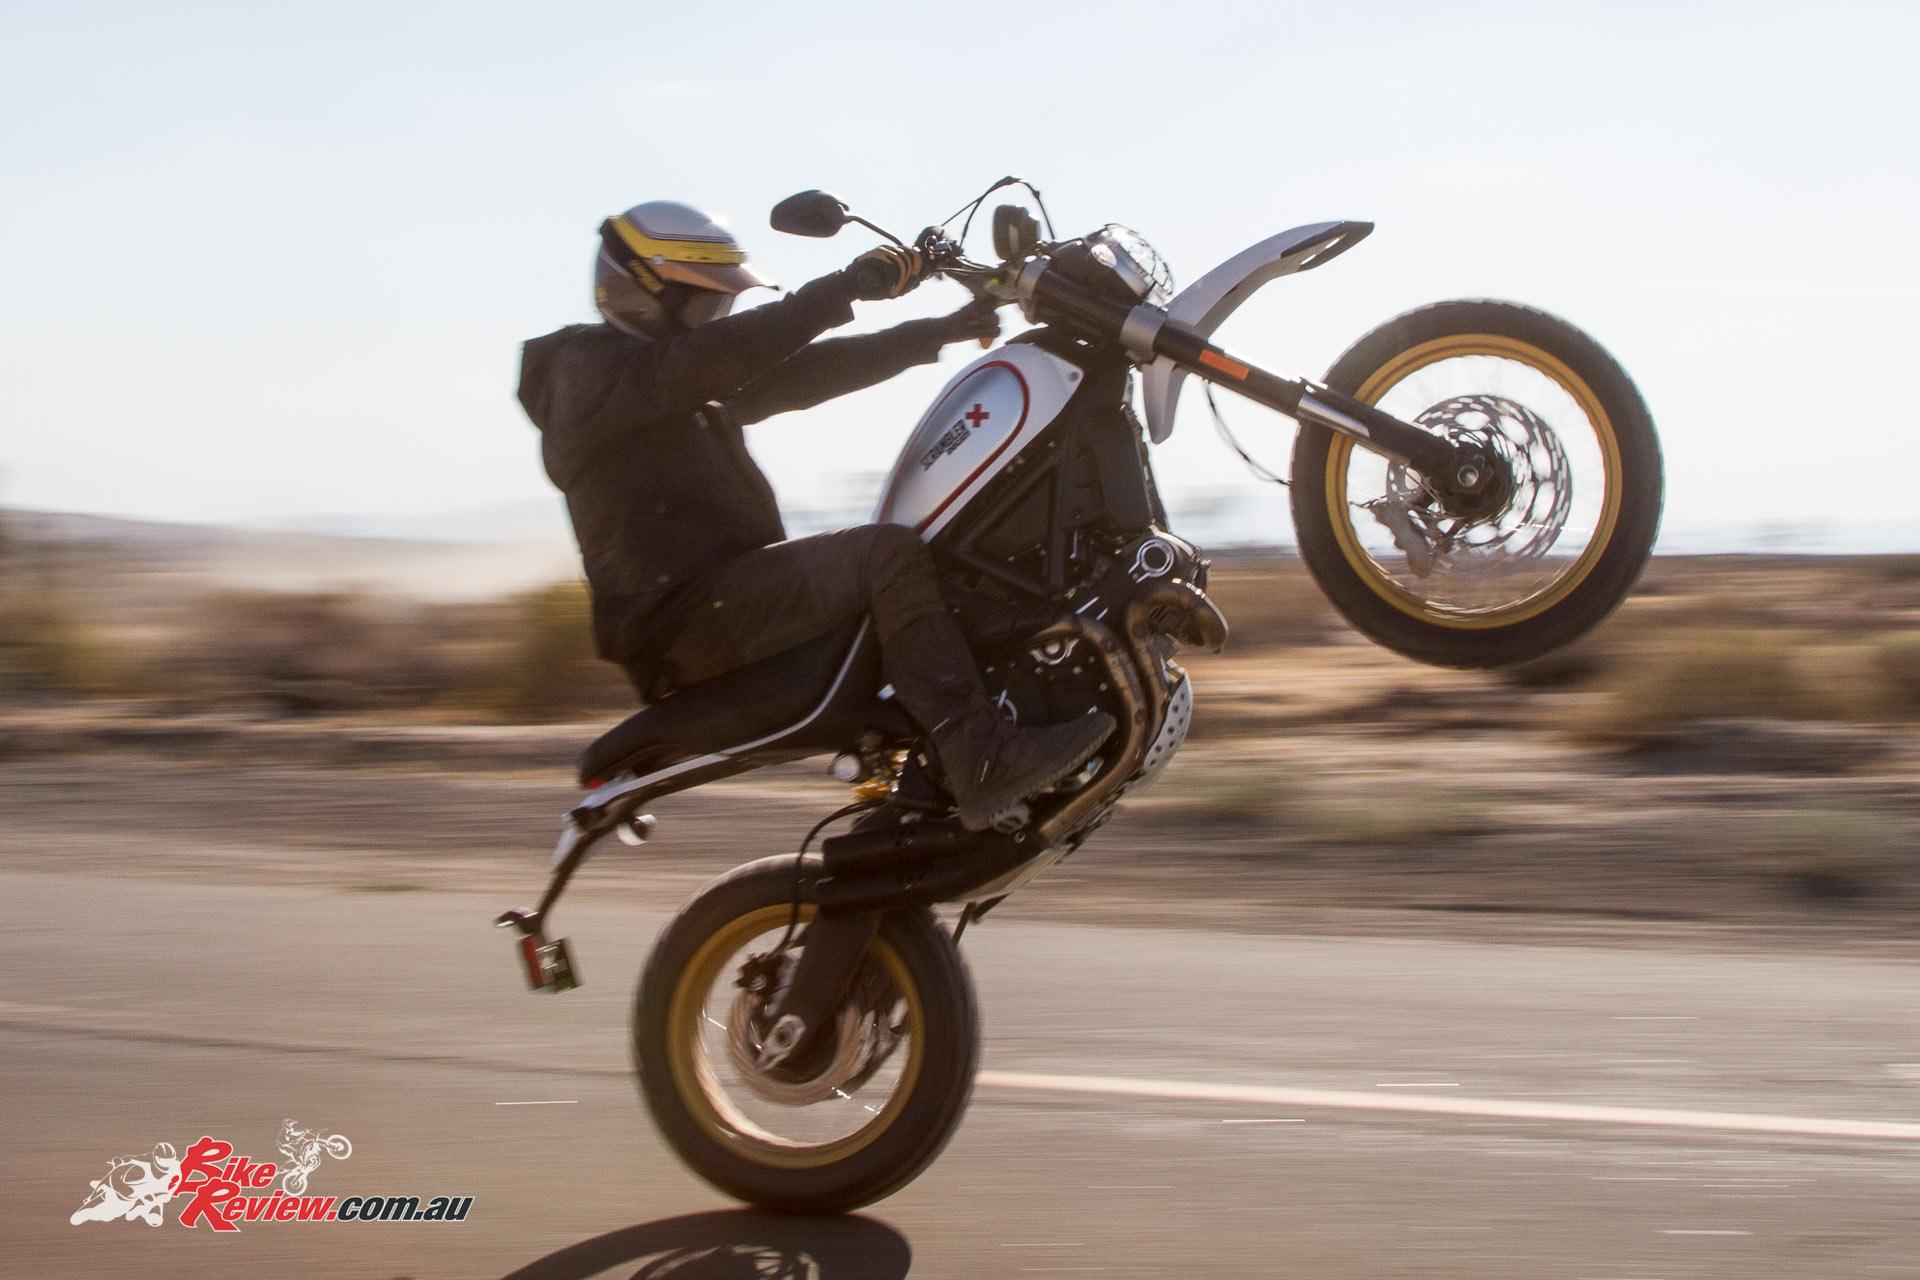 2017 Ducati Scrambler - Desert Sled